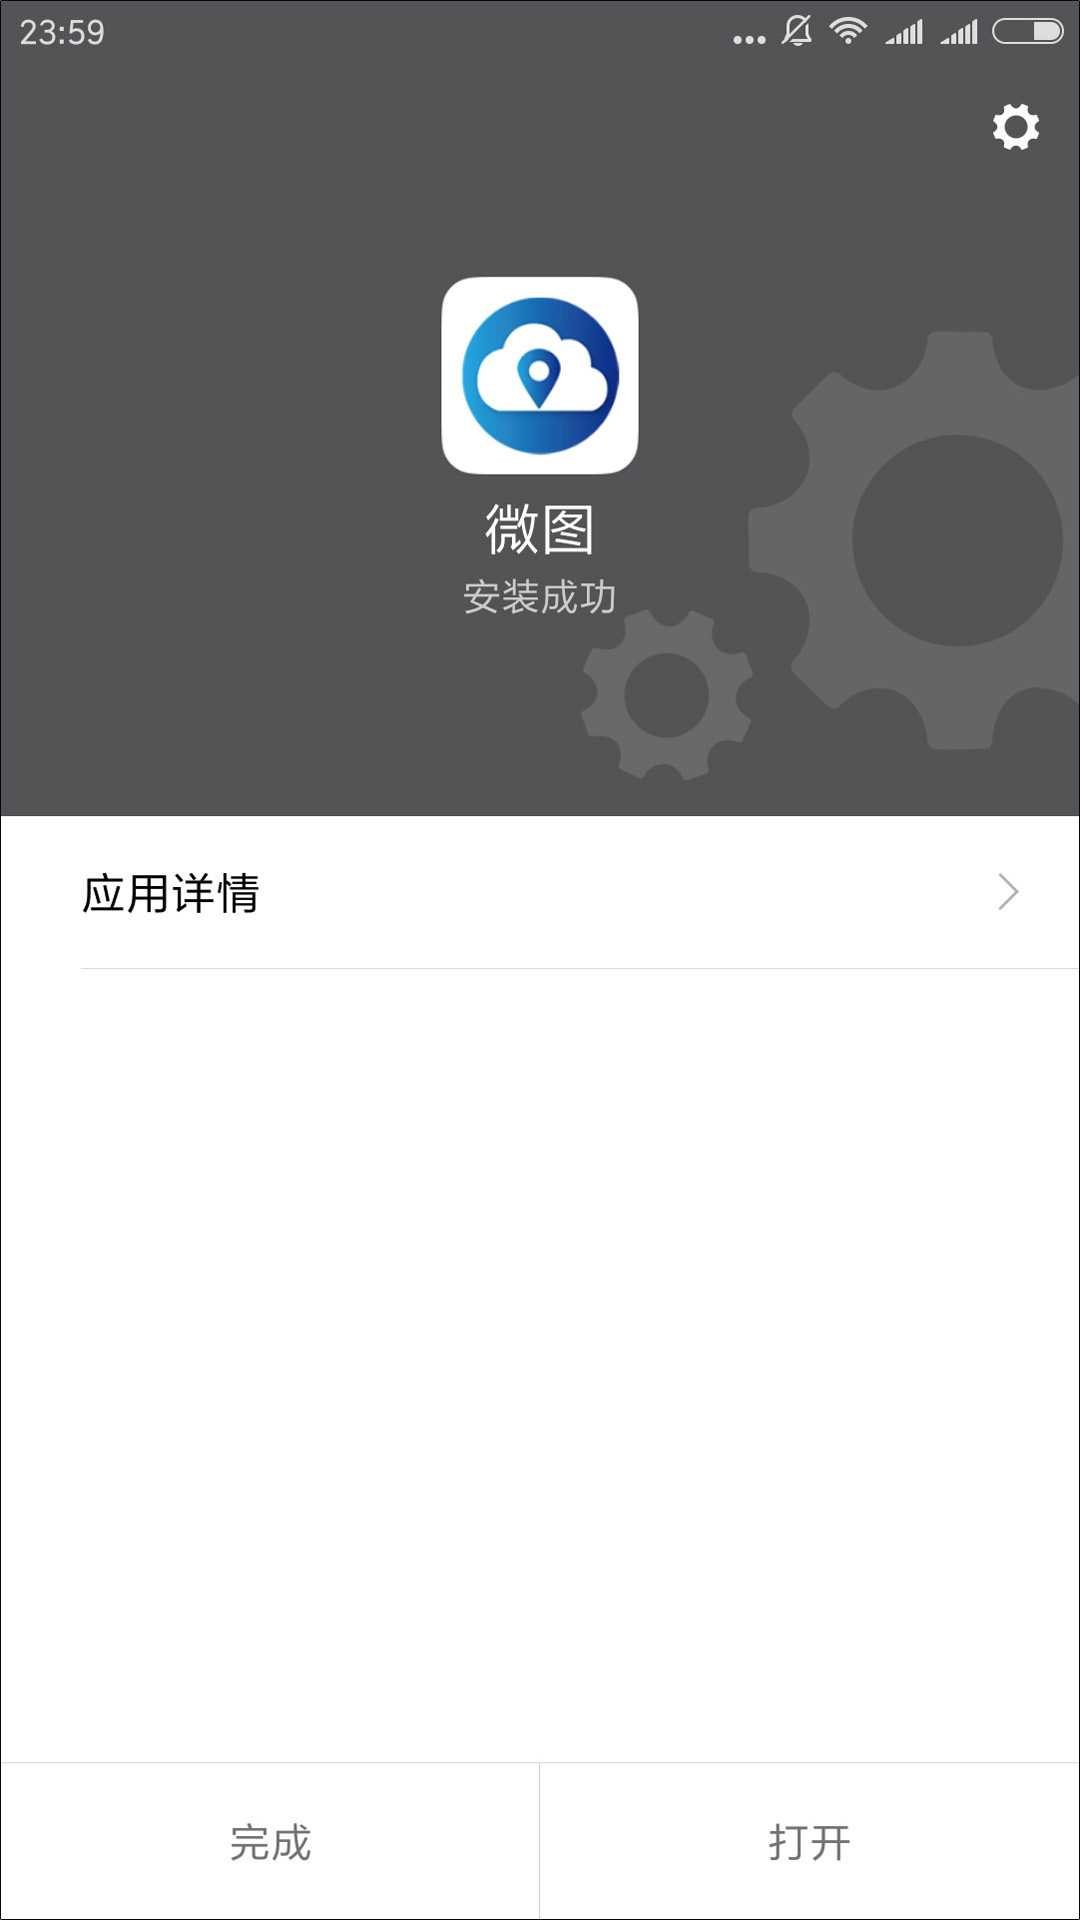 6微图APP下载安装.jpg